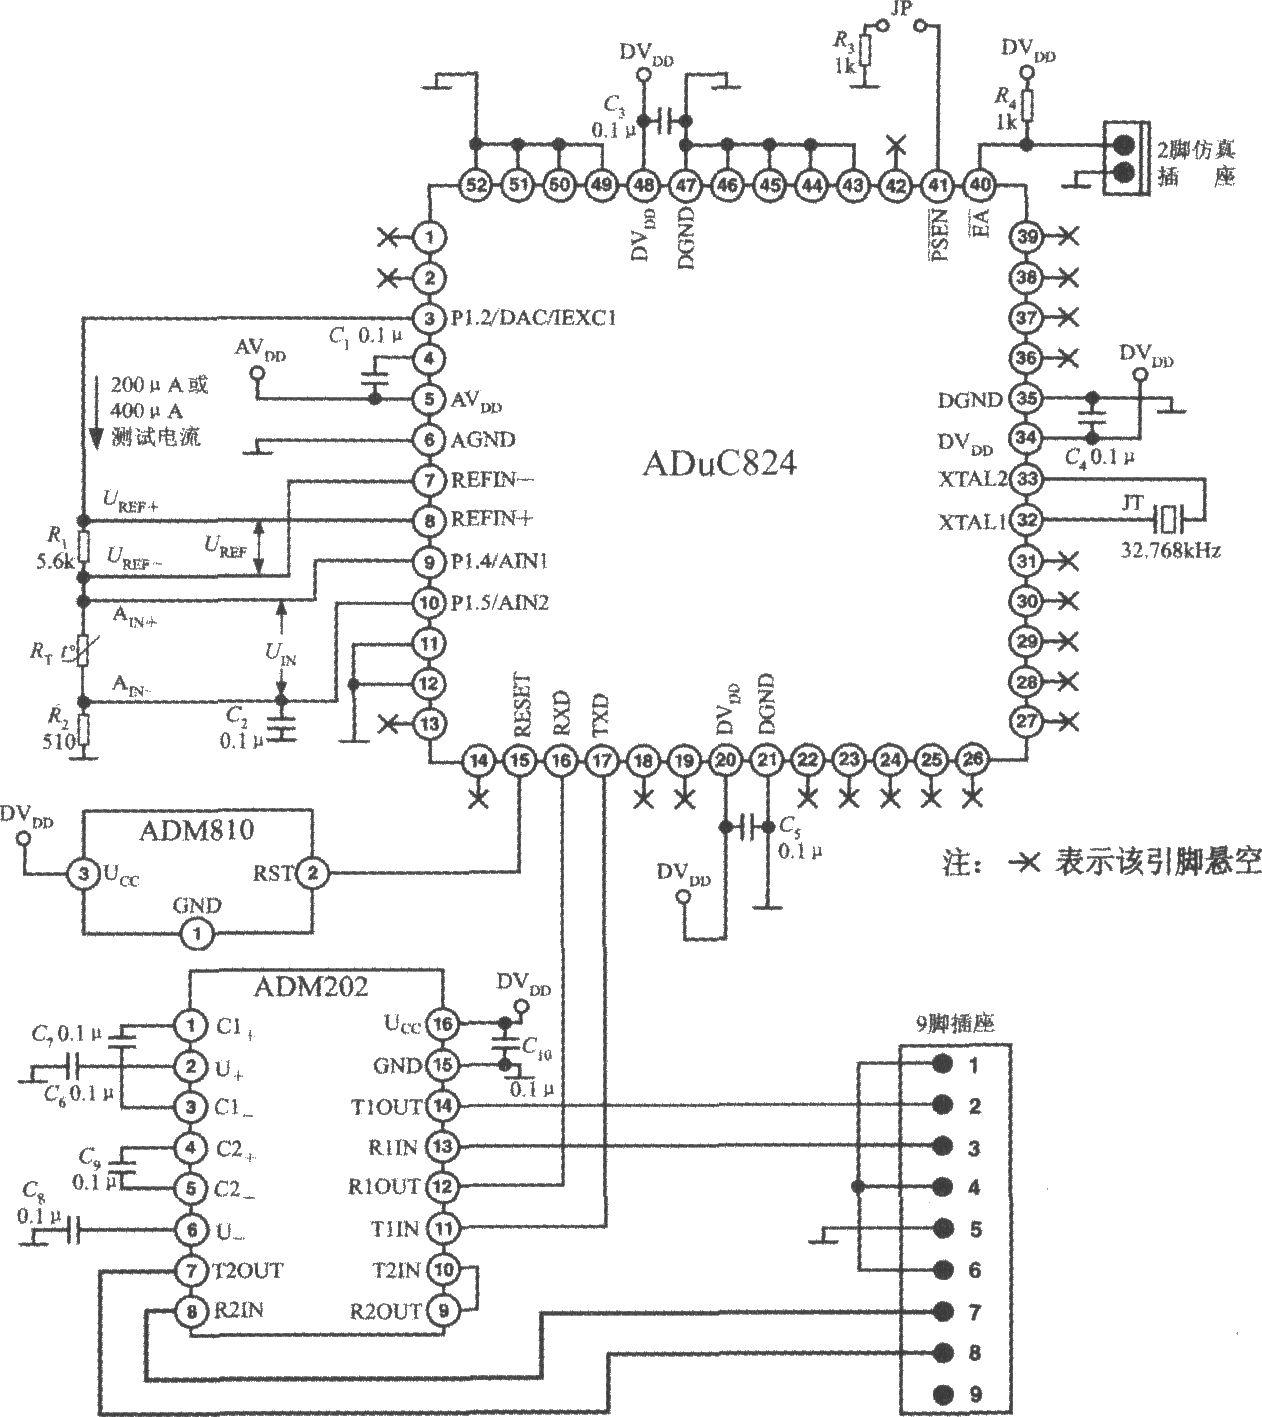 由高精度单片数据采集系统aduc824构成智能化测温系统电路